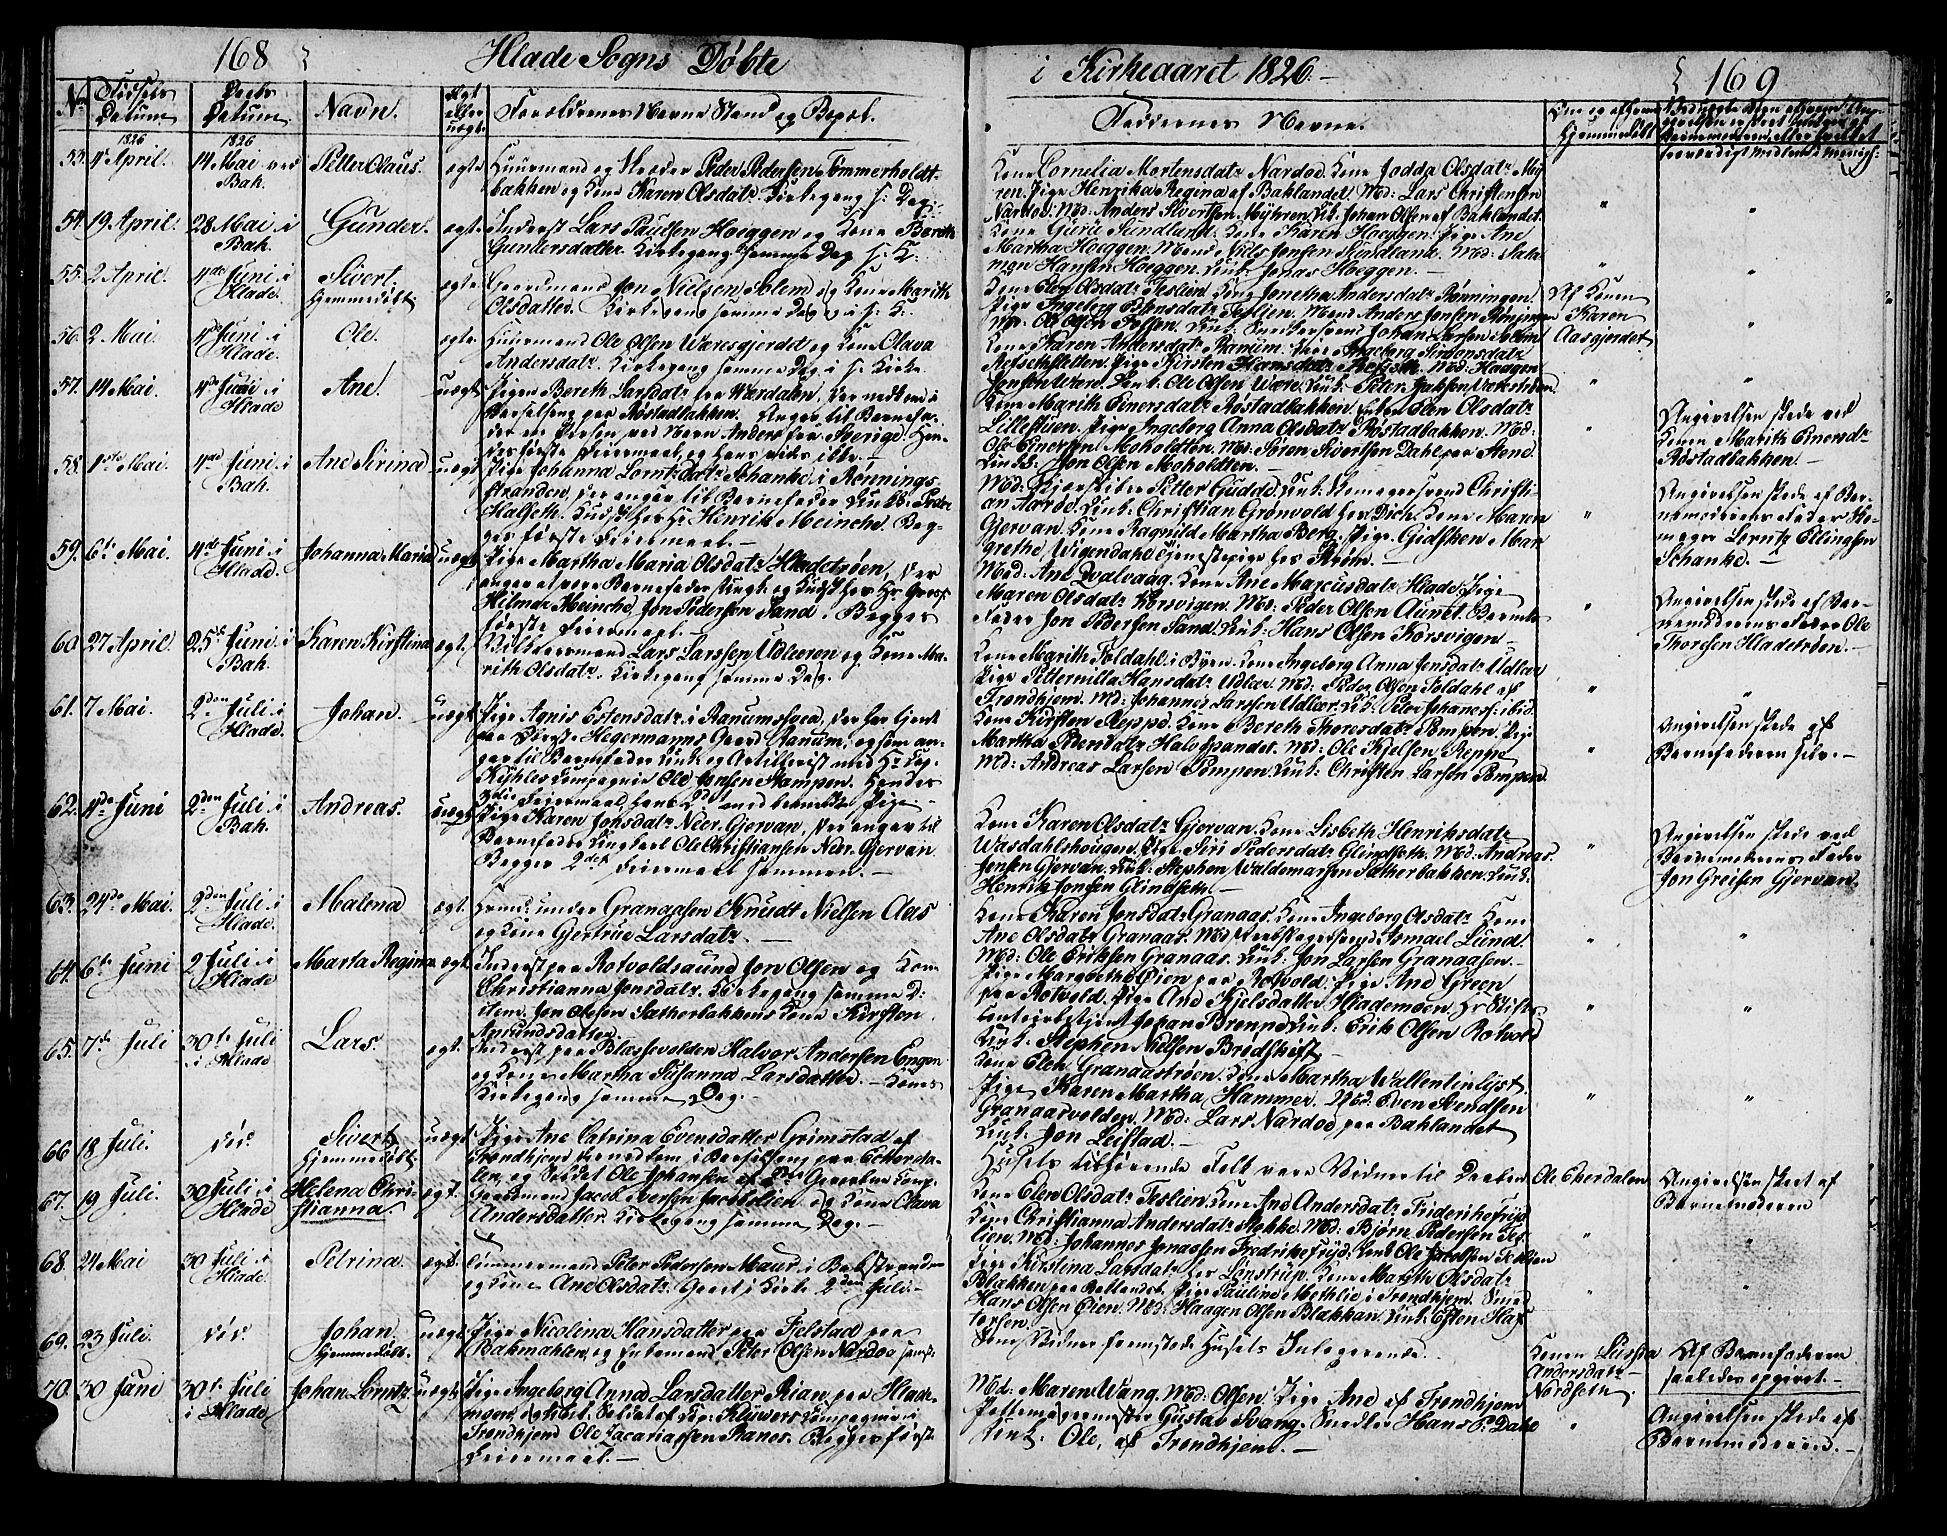 SAT, Ministerialprotokoller, klokkerbøker og fødselsregistre - Sør-Trøndelag, 606/L0306: Klokkerbok nr. 606C02, 1797-1829, s. 168-169